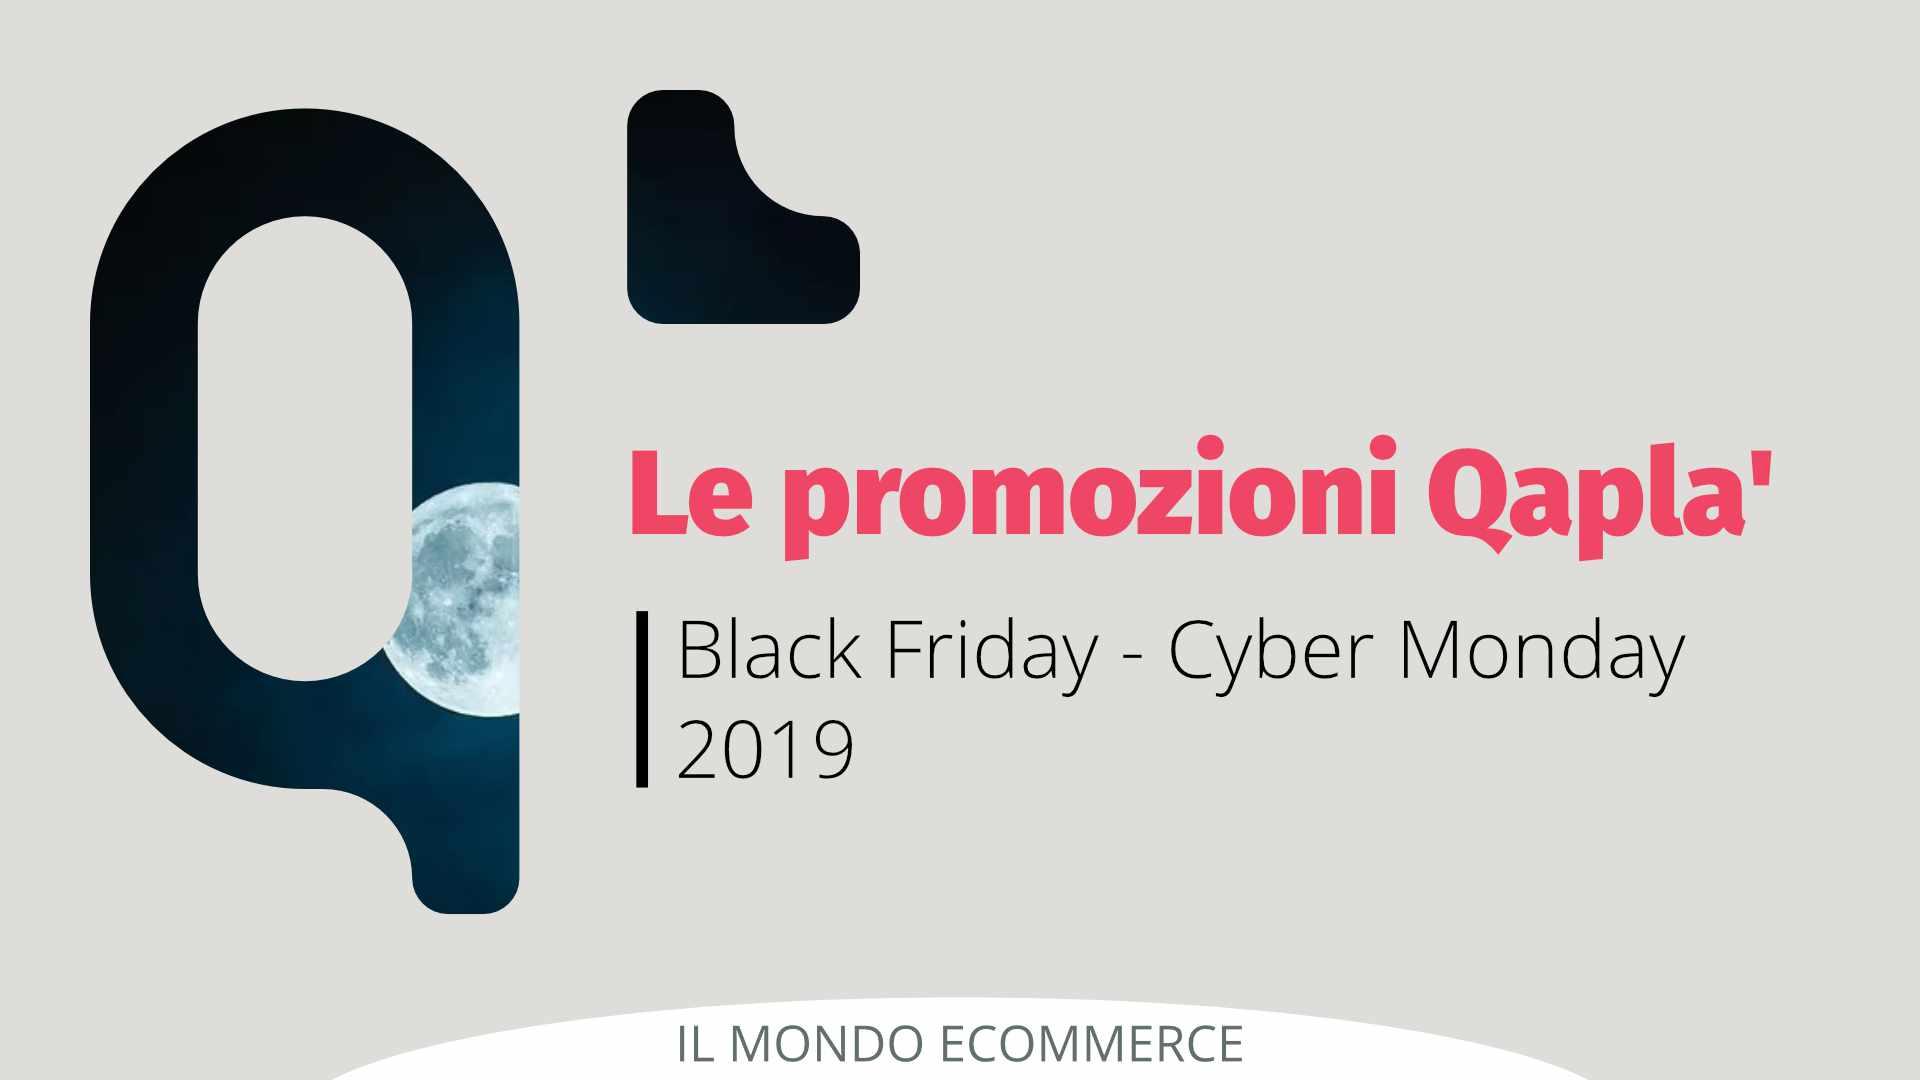 PROMOZIONE QAPLA'Black Friday – Cyber Monday 2019